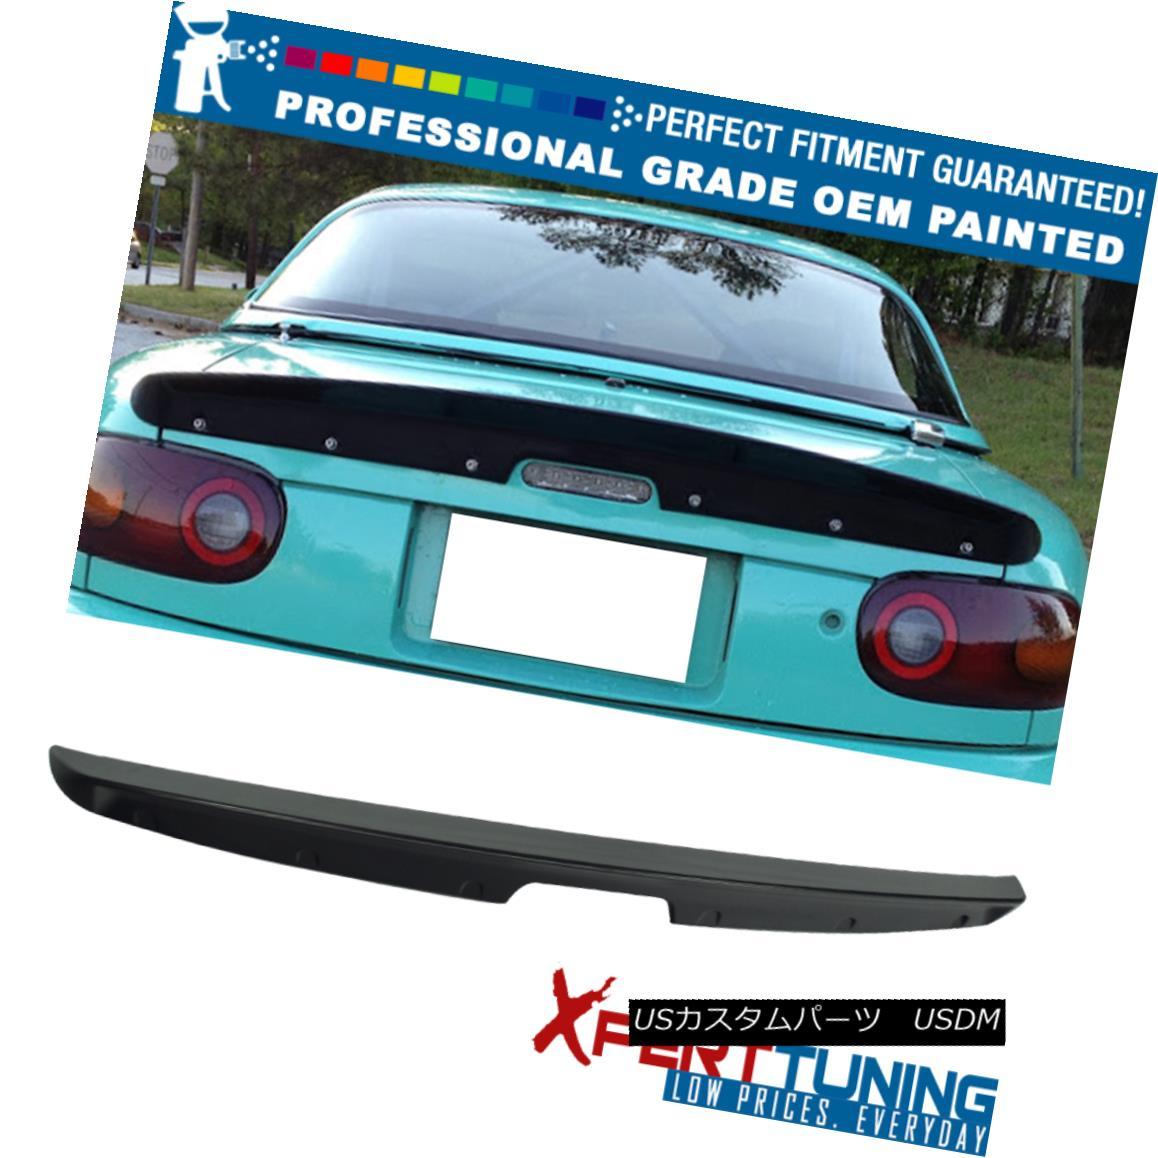 エアロパーツ 90-97 Mazda Miata Mx5 KG Style Painted ABS Trunk Spoiler - OEM Painted Color 90-97 Mazda Miata Mx5 KGスタイル塗装ABSトランク・スポイラー - OEM塗装カラー